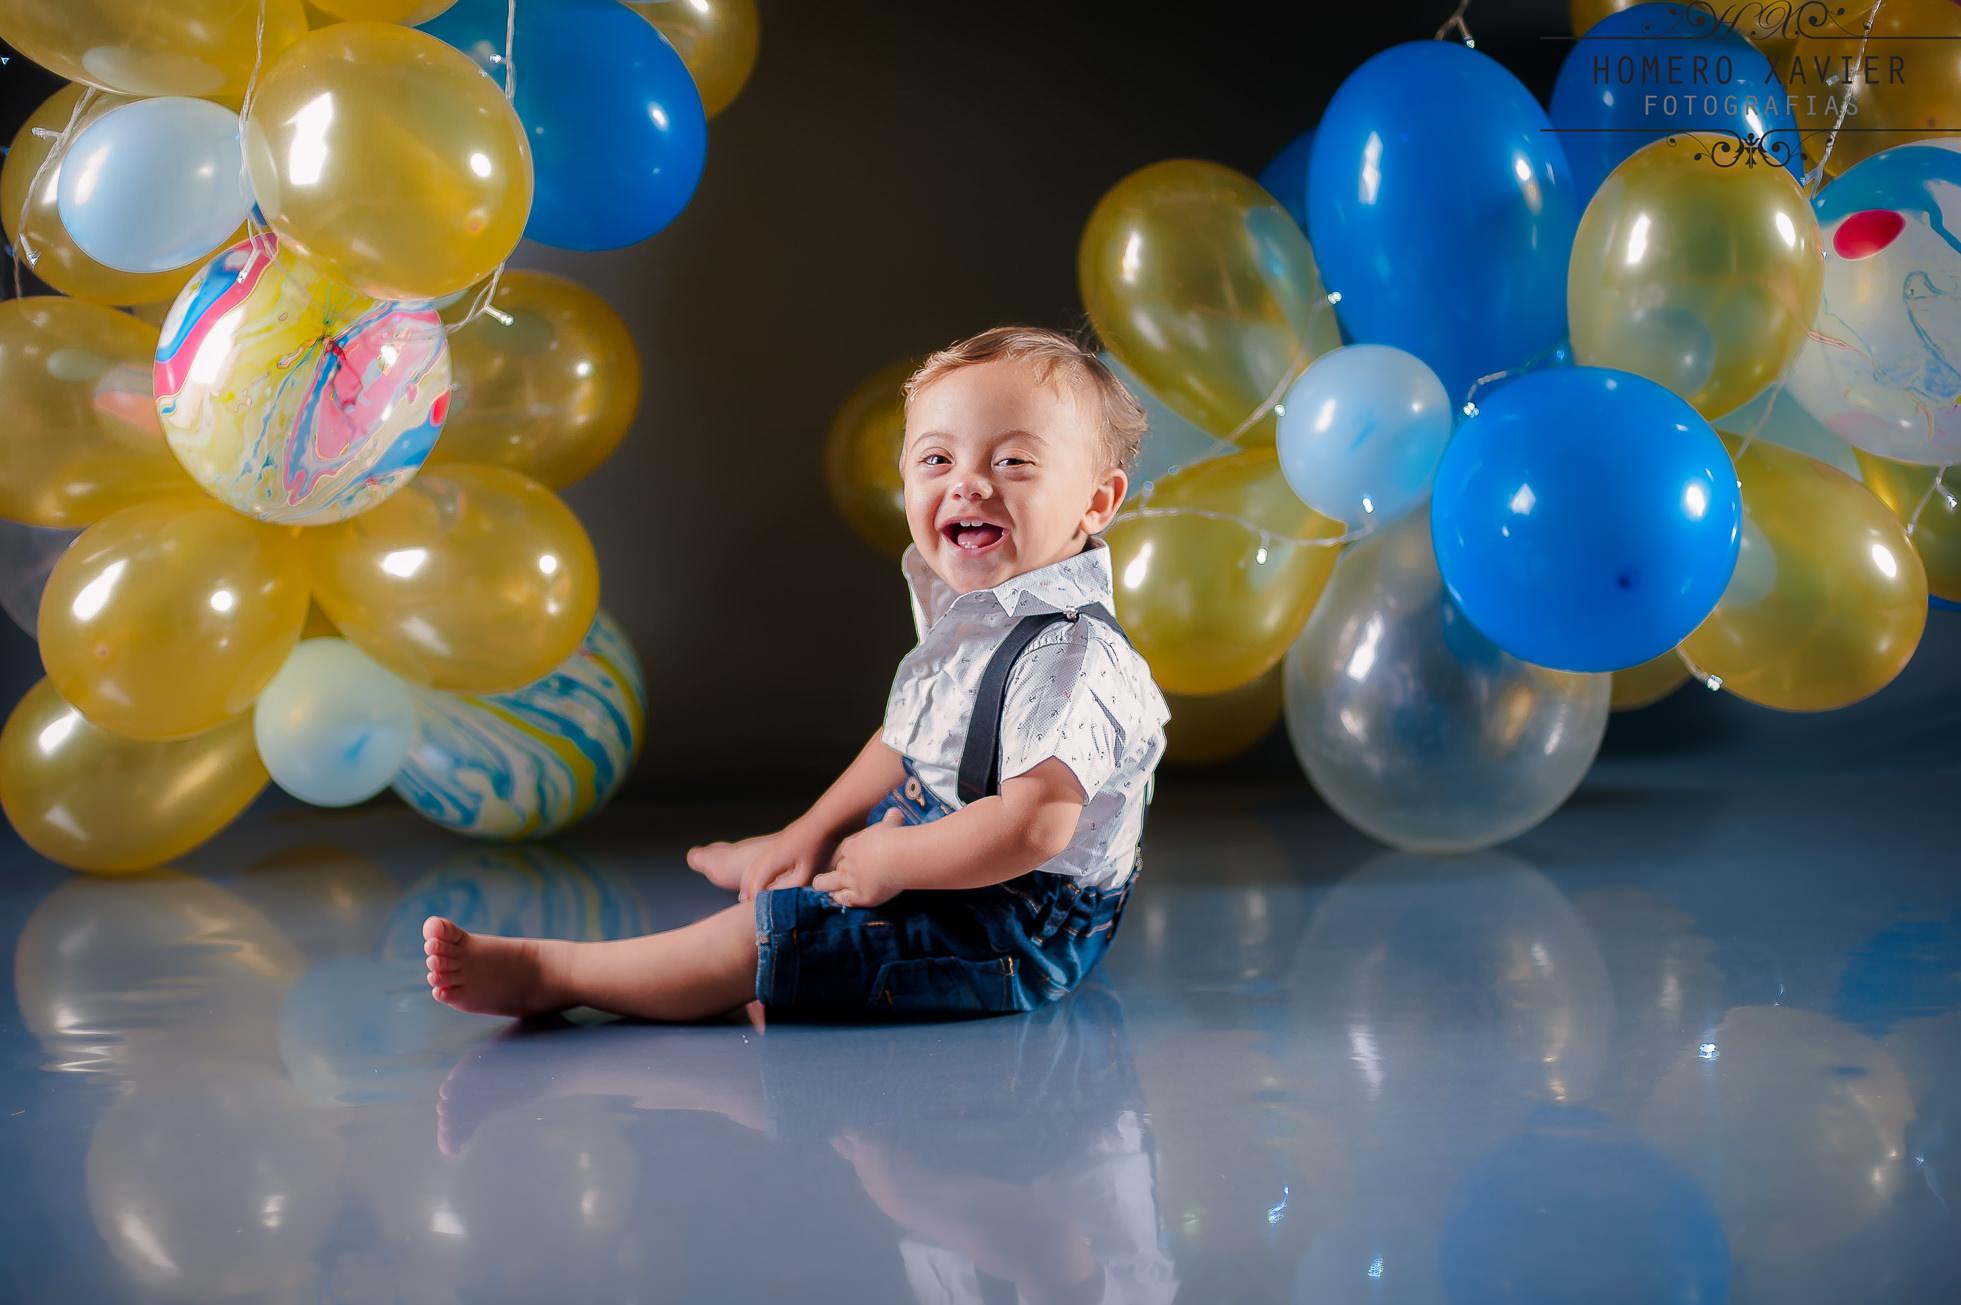 foto crianca com sindrome down em bh